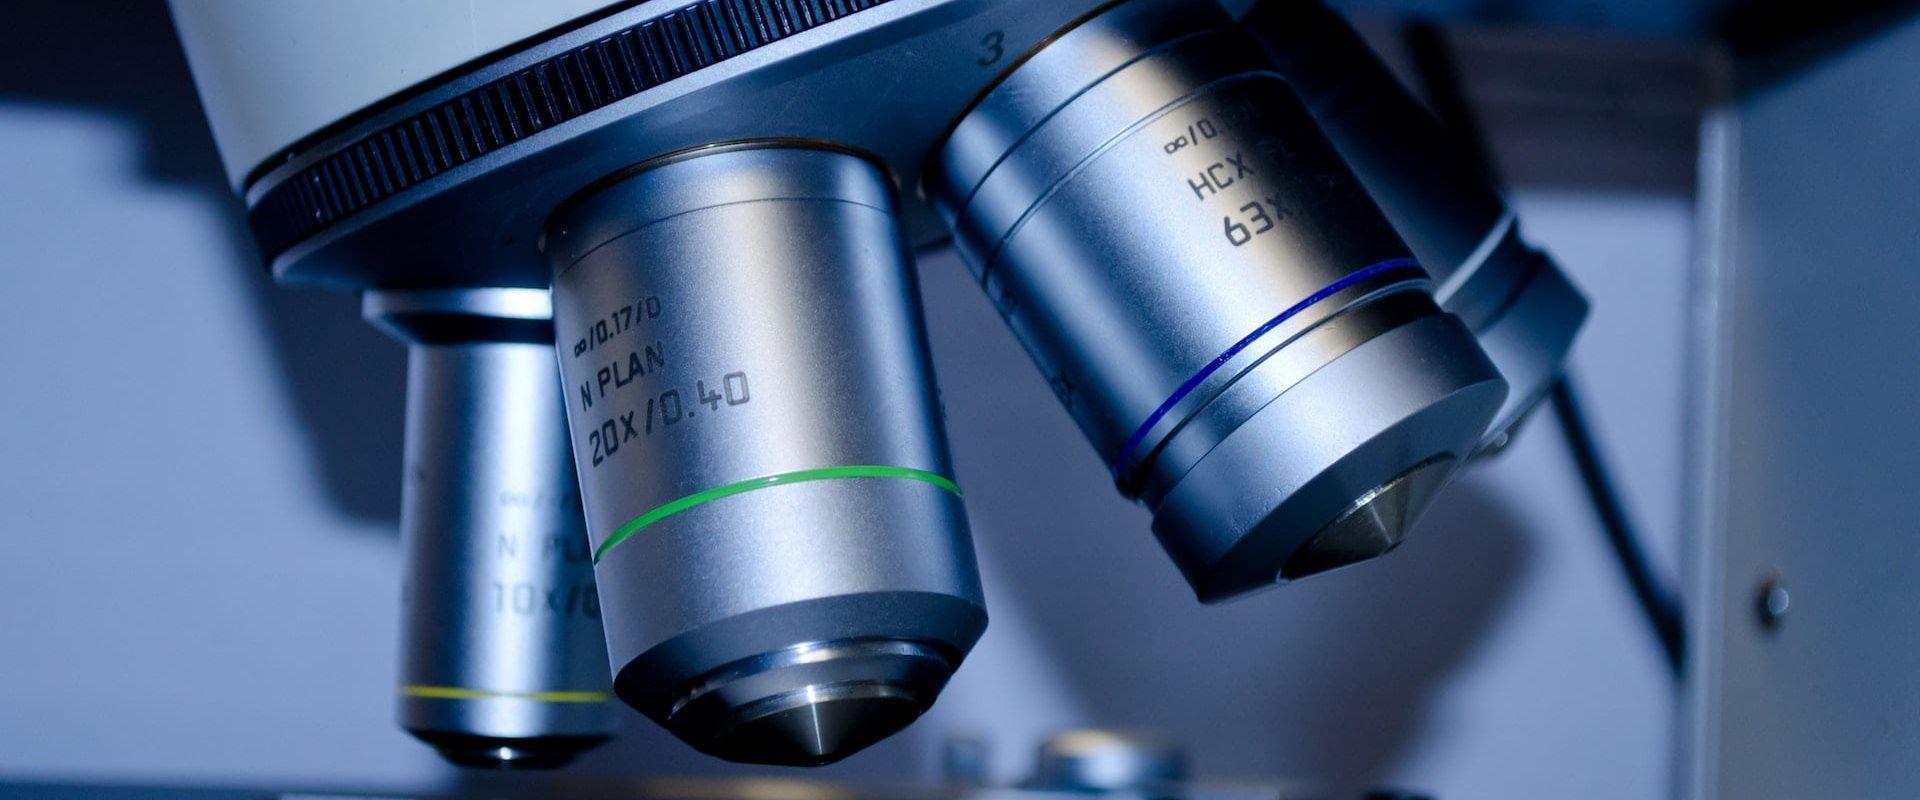 Nærbilde av teknologisk apparat i helsesektoren